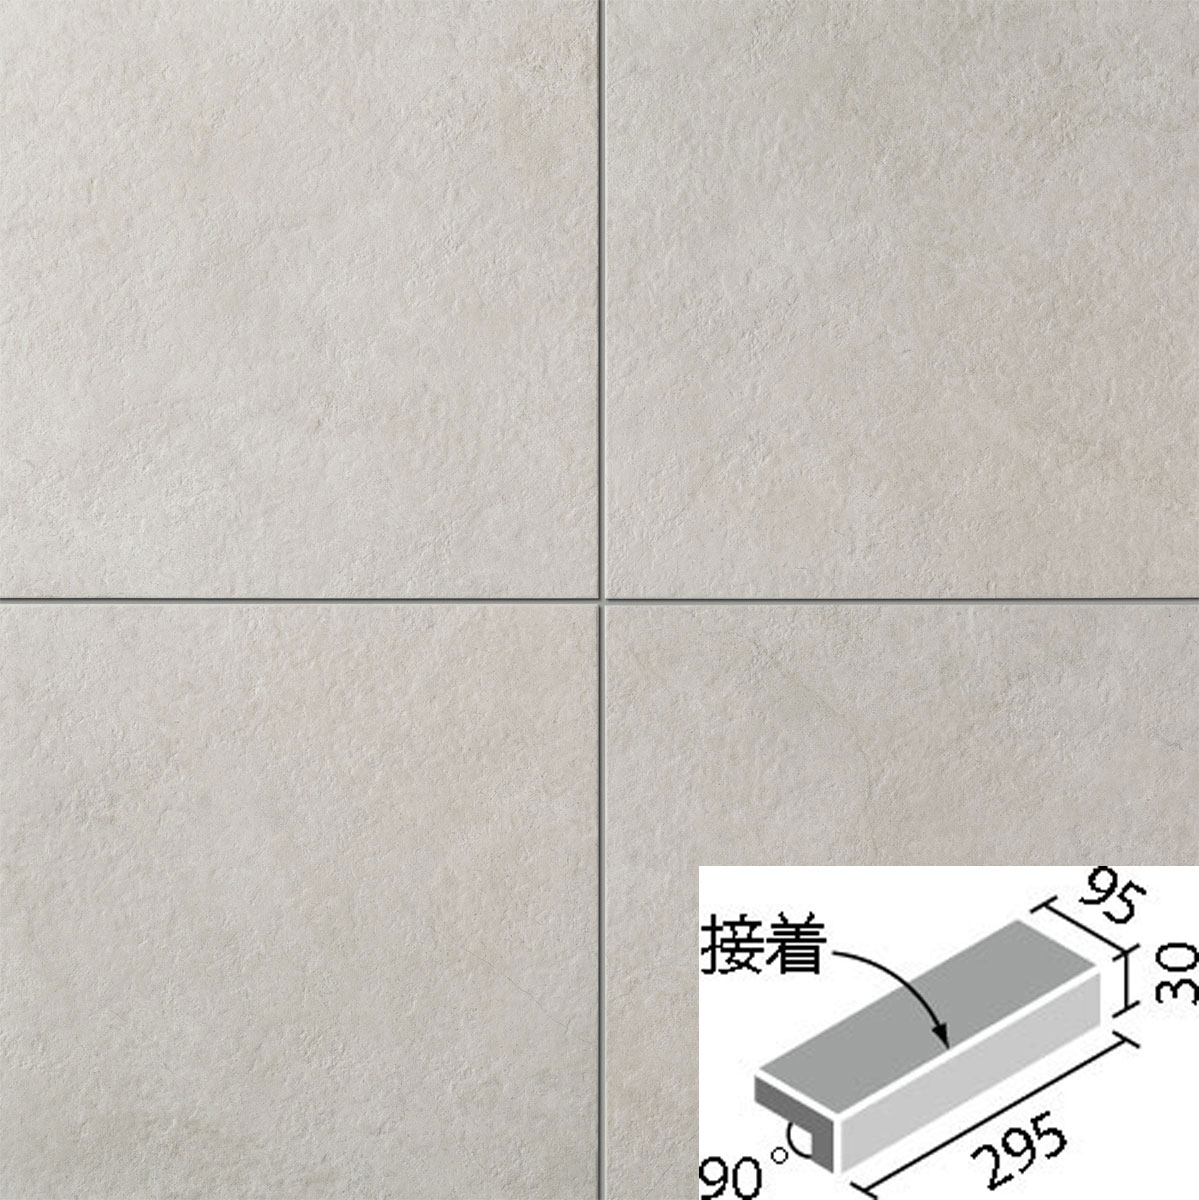 ライムプレート 300x100mm角垂れ付き段鼻(接着) IPF-301/LMP-2